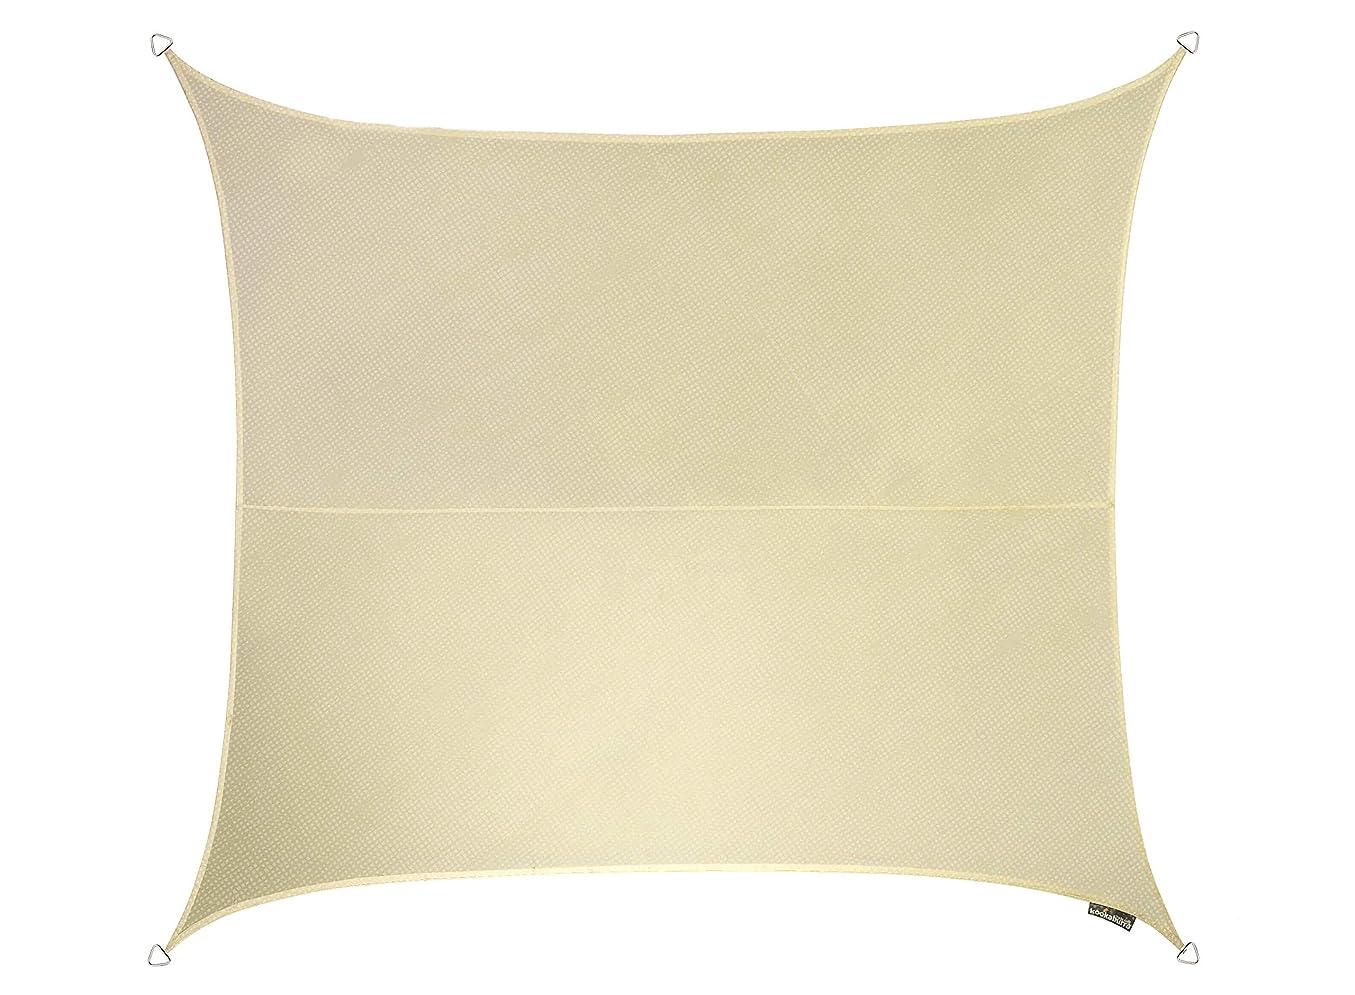 投票群れどこにでもクッカバラ アイボリー 通気性日除けシェードセイル(ニット織) - 紫外線93.3%カット - OL0121 (2m正方形)